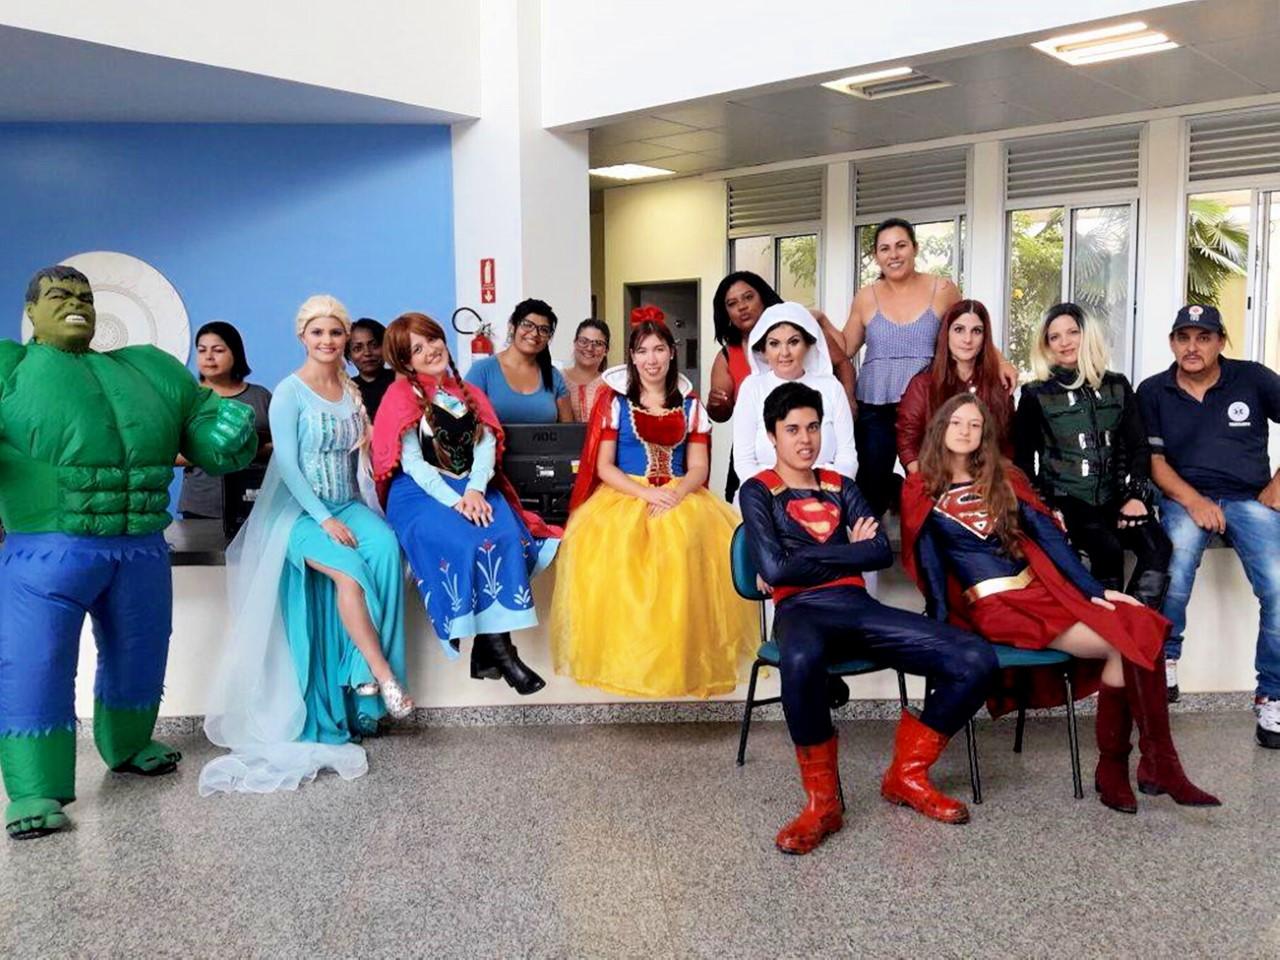 Grupo Super Amigos promove festa Cosplay solidária em outubro